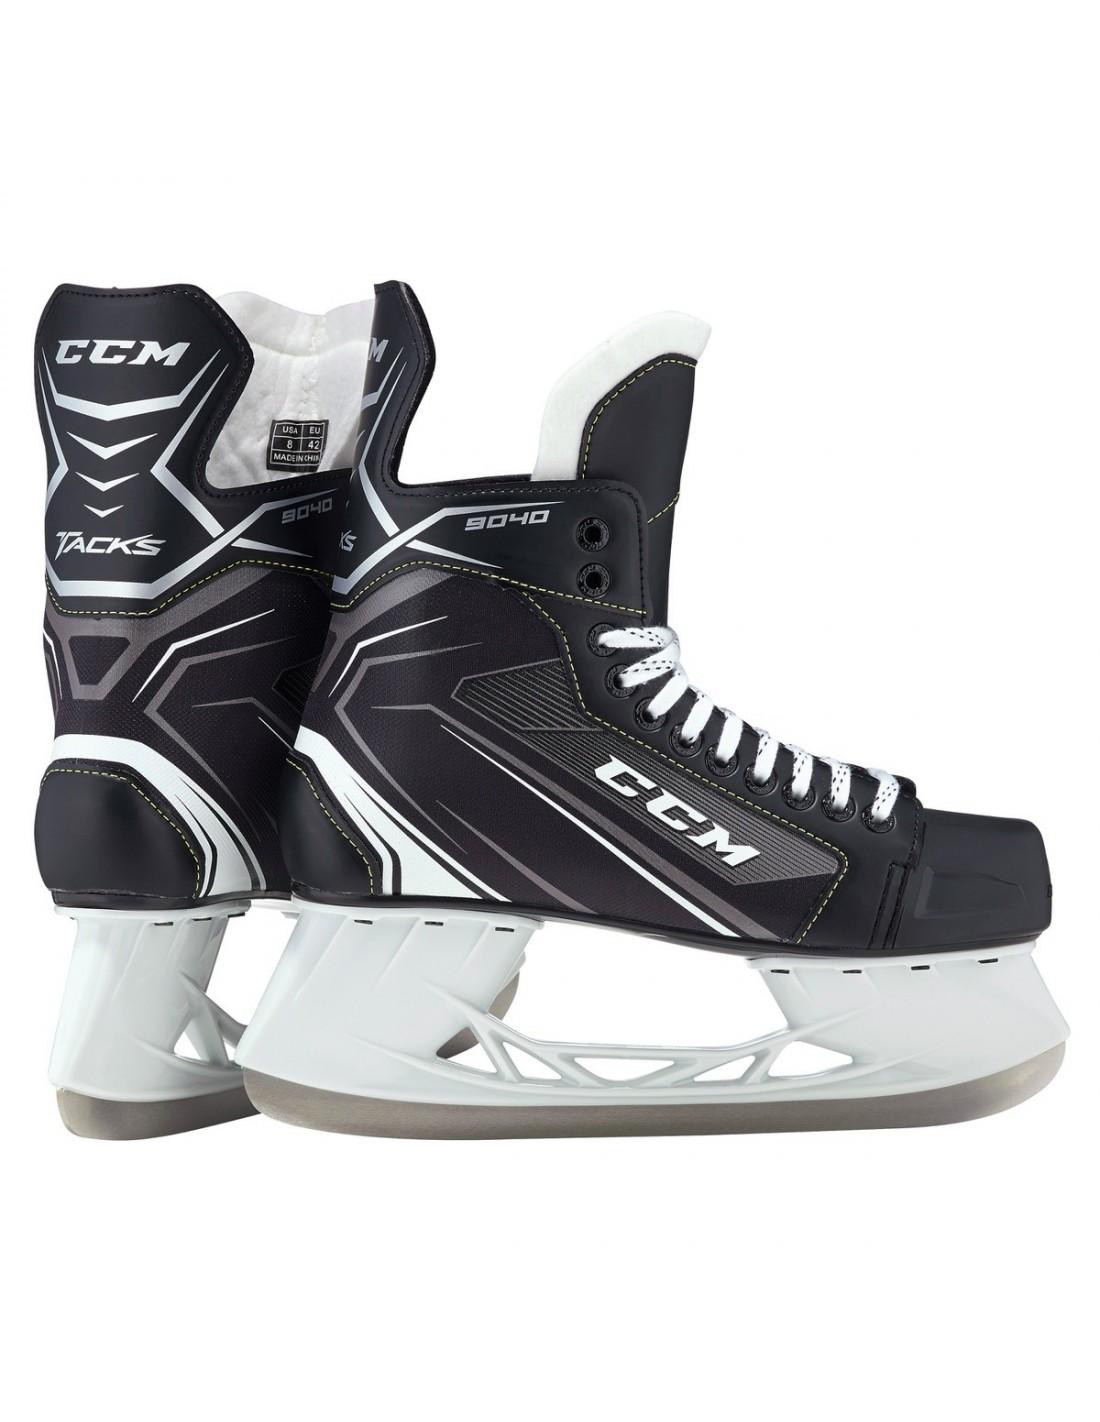 Skøyter & Ishockey CCM Hockeyskøyter SK9040 Junior SK9040JR 679 kr